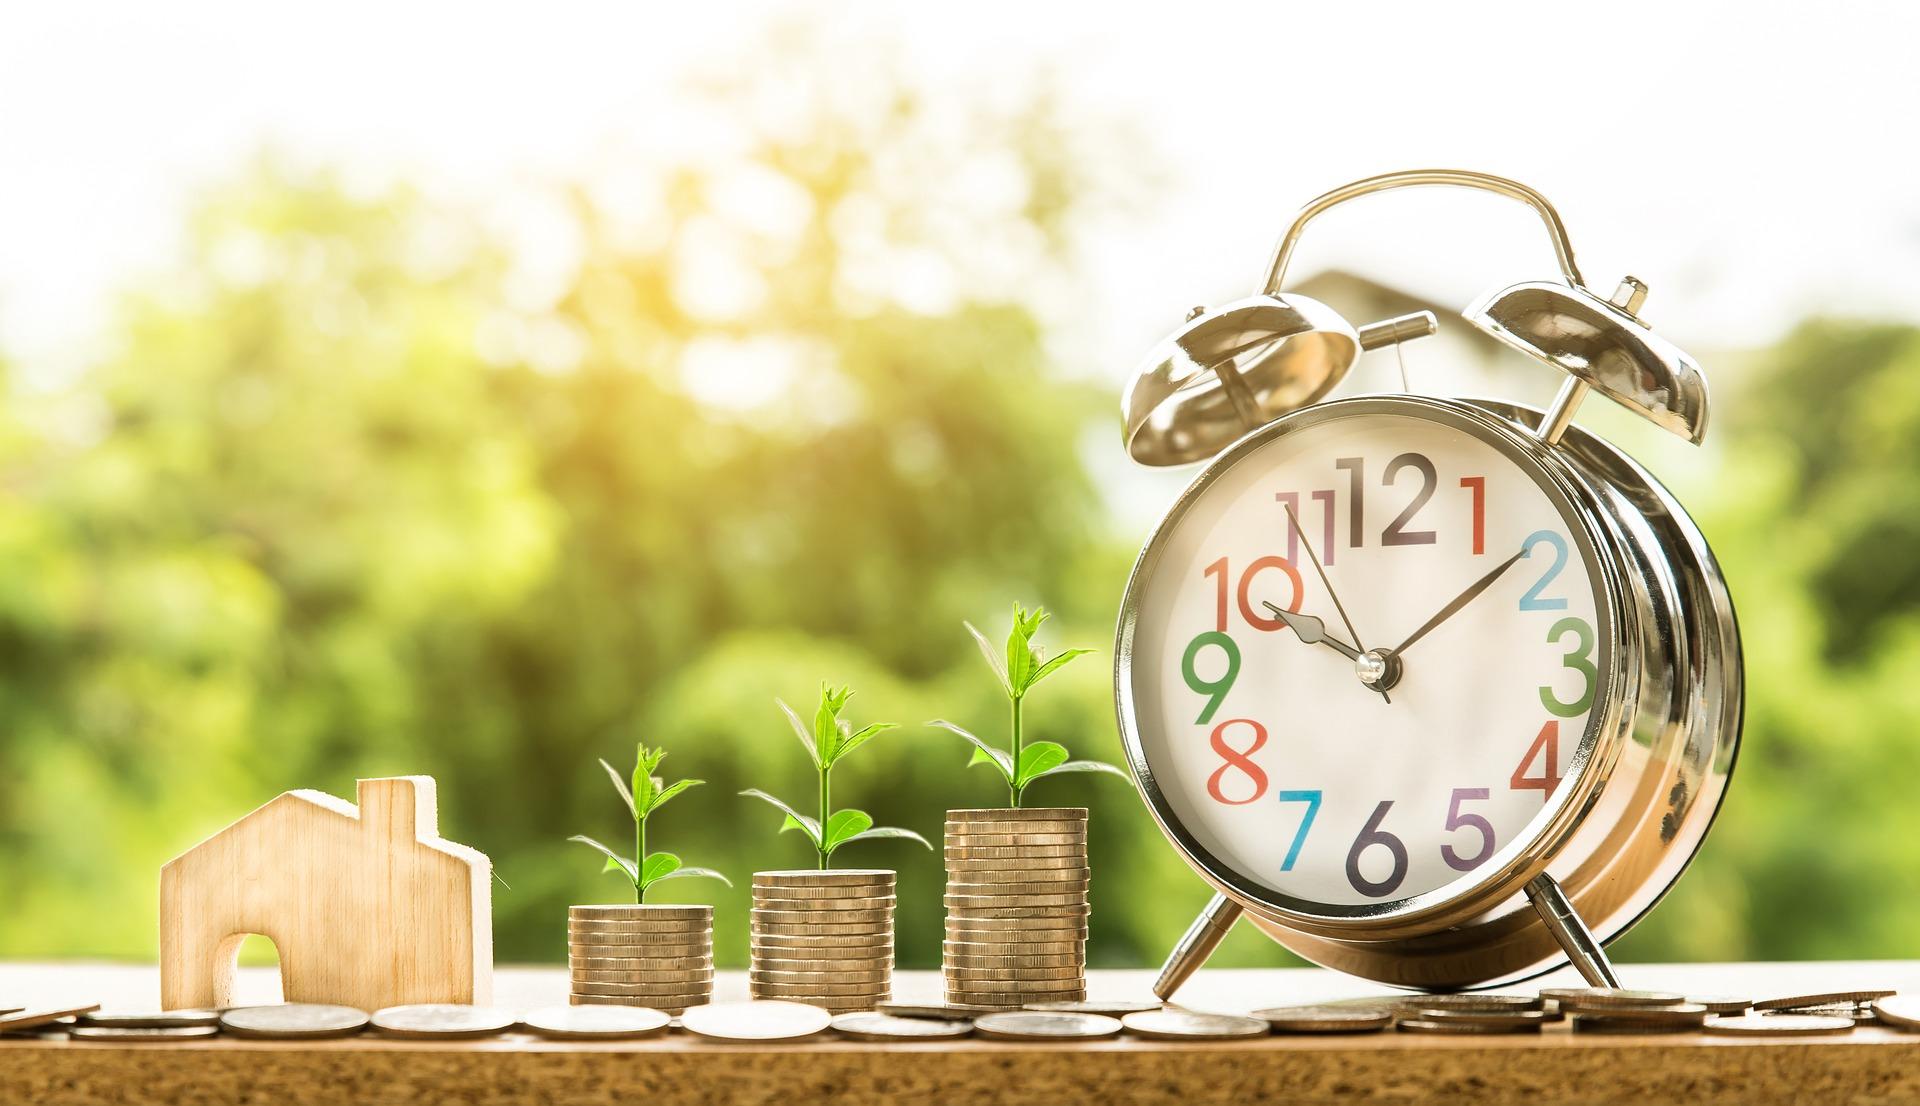 Welche Investitionen und Warum?